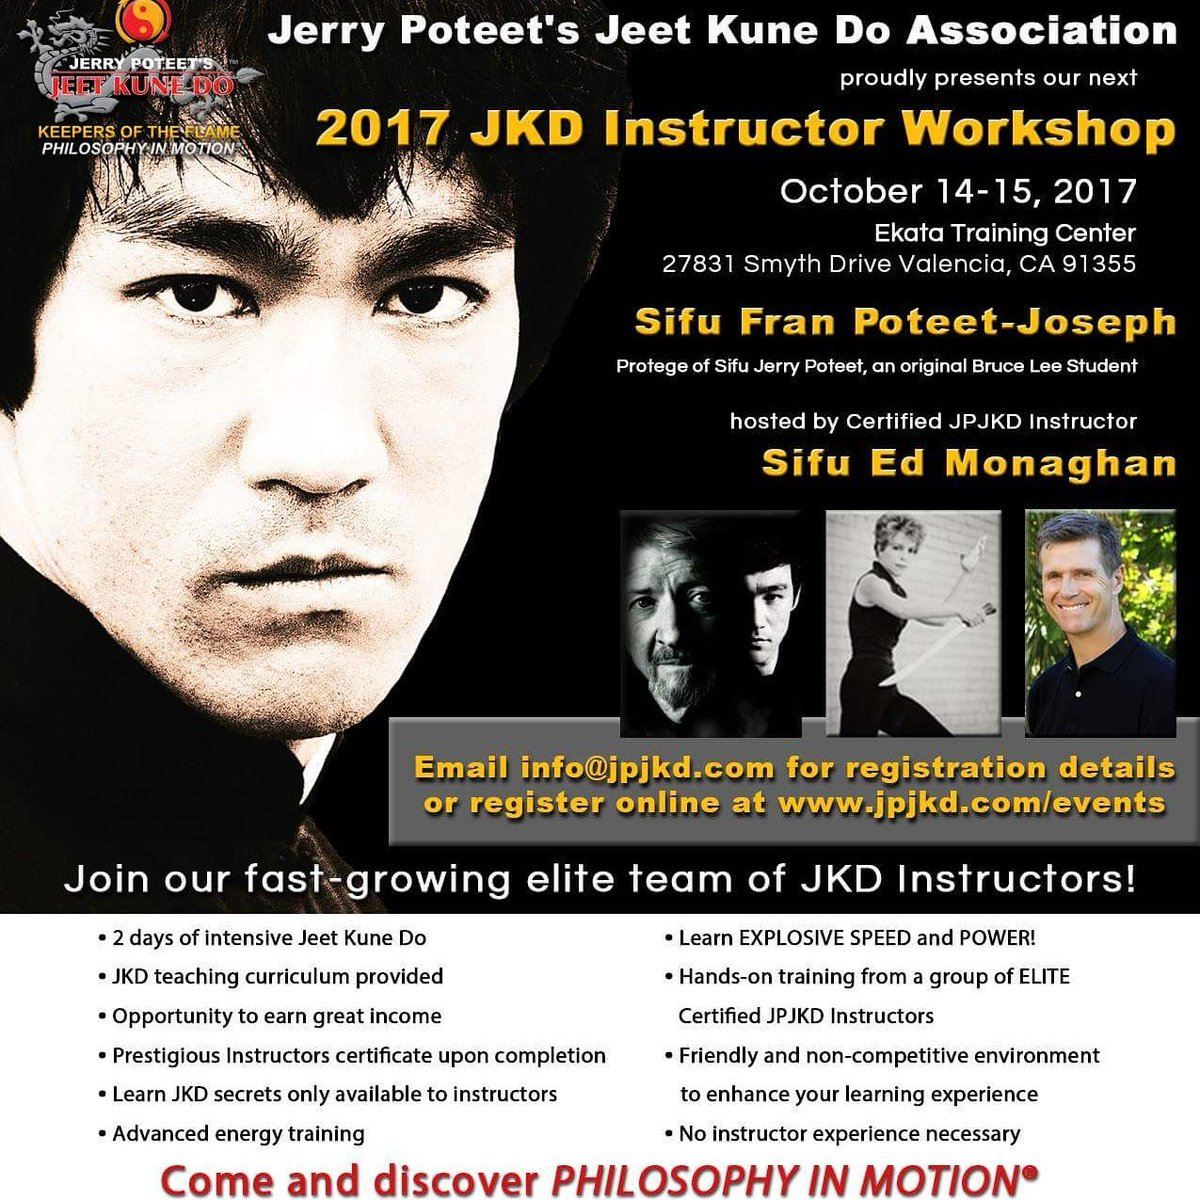 JPJKD Association™ JKDWorld Line